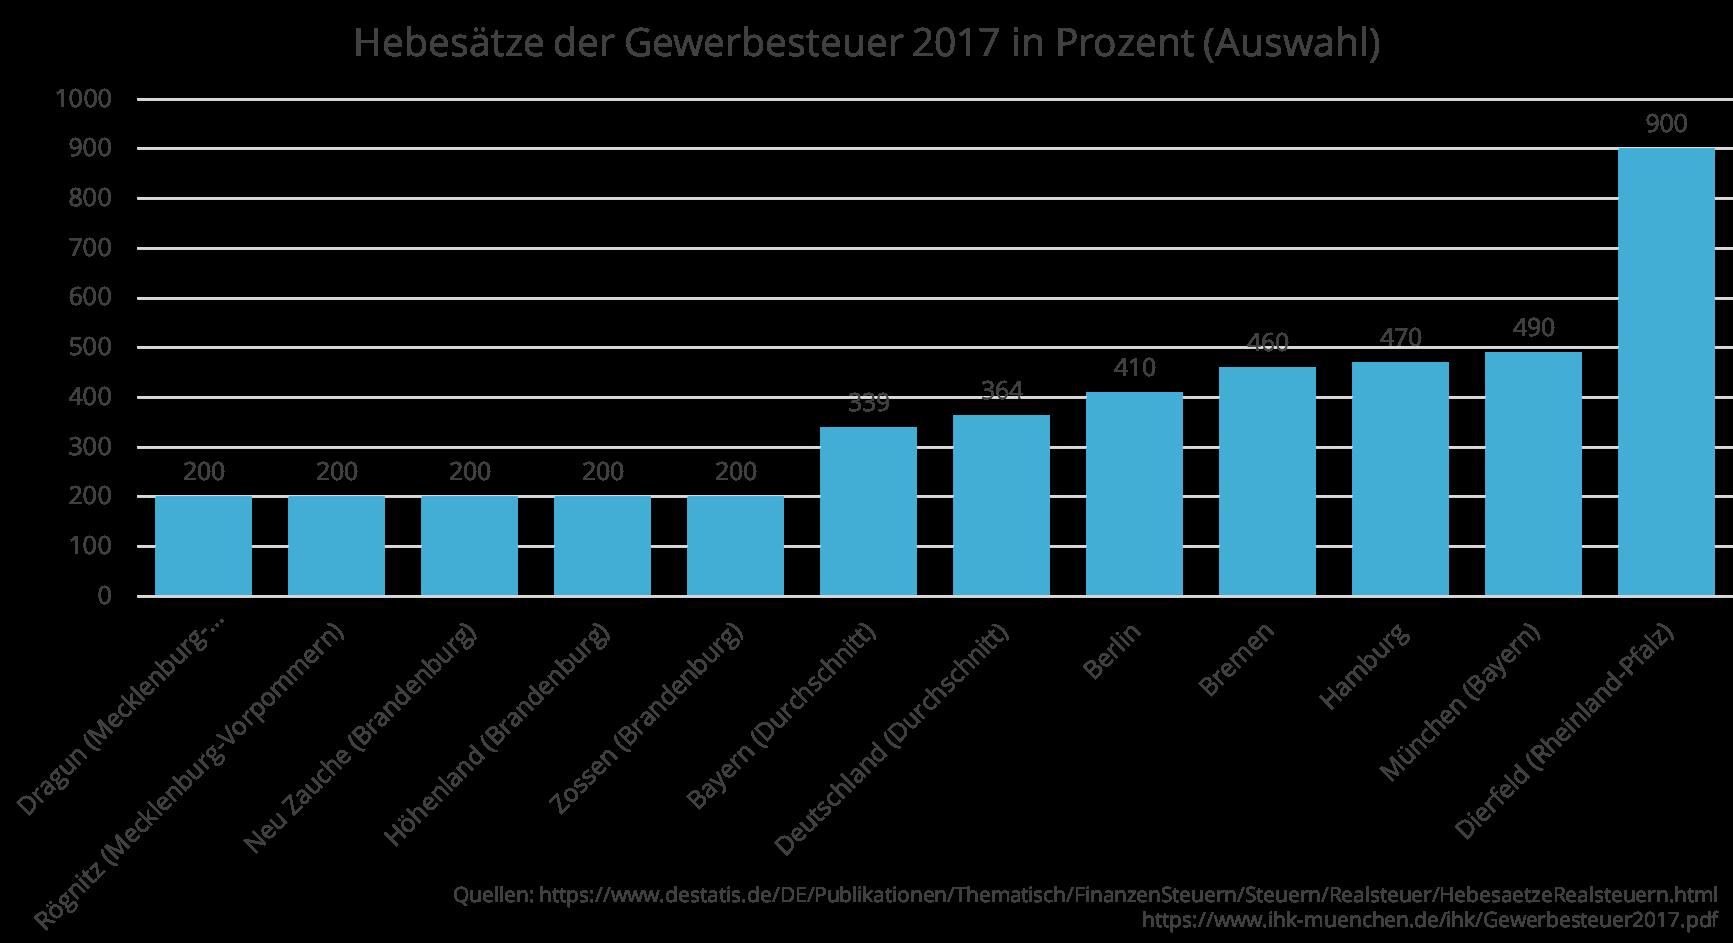 Balkendiagramm Hebesätze (höchster, niedrigster) der Gewerbesteuer 2017 in Prozent (Auswahl)